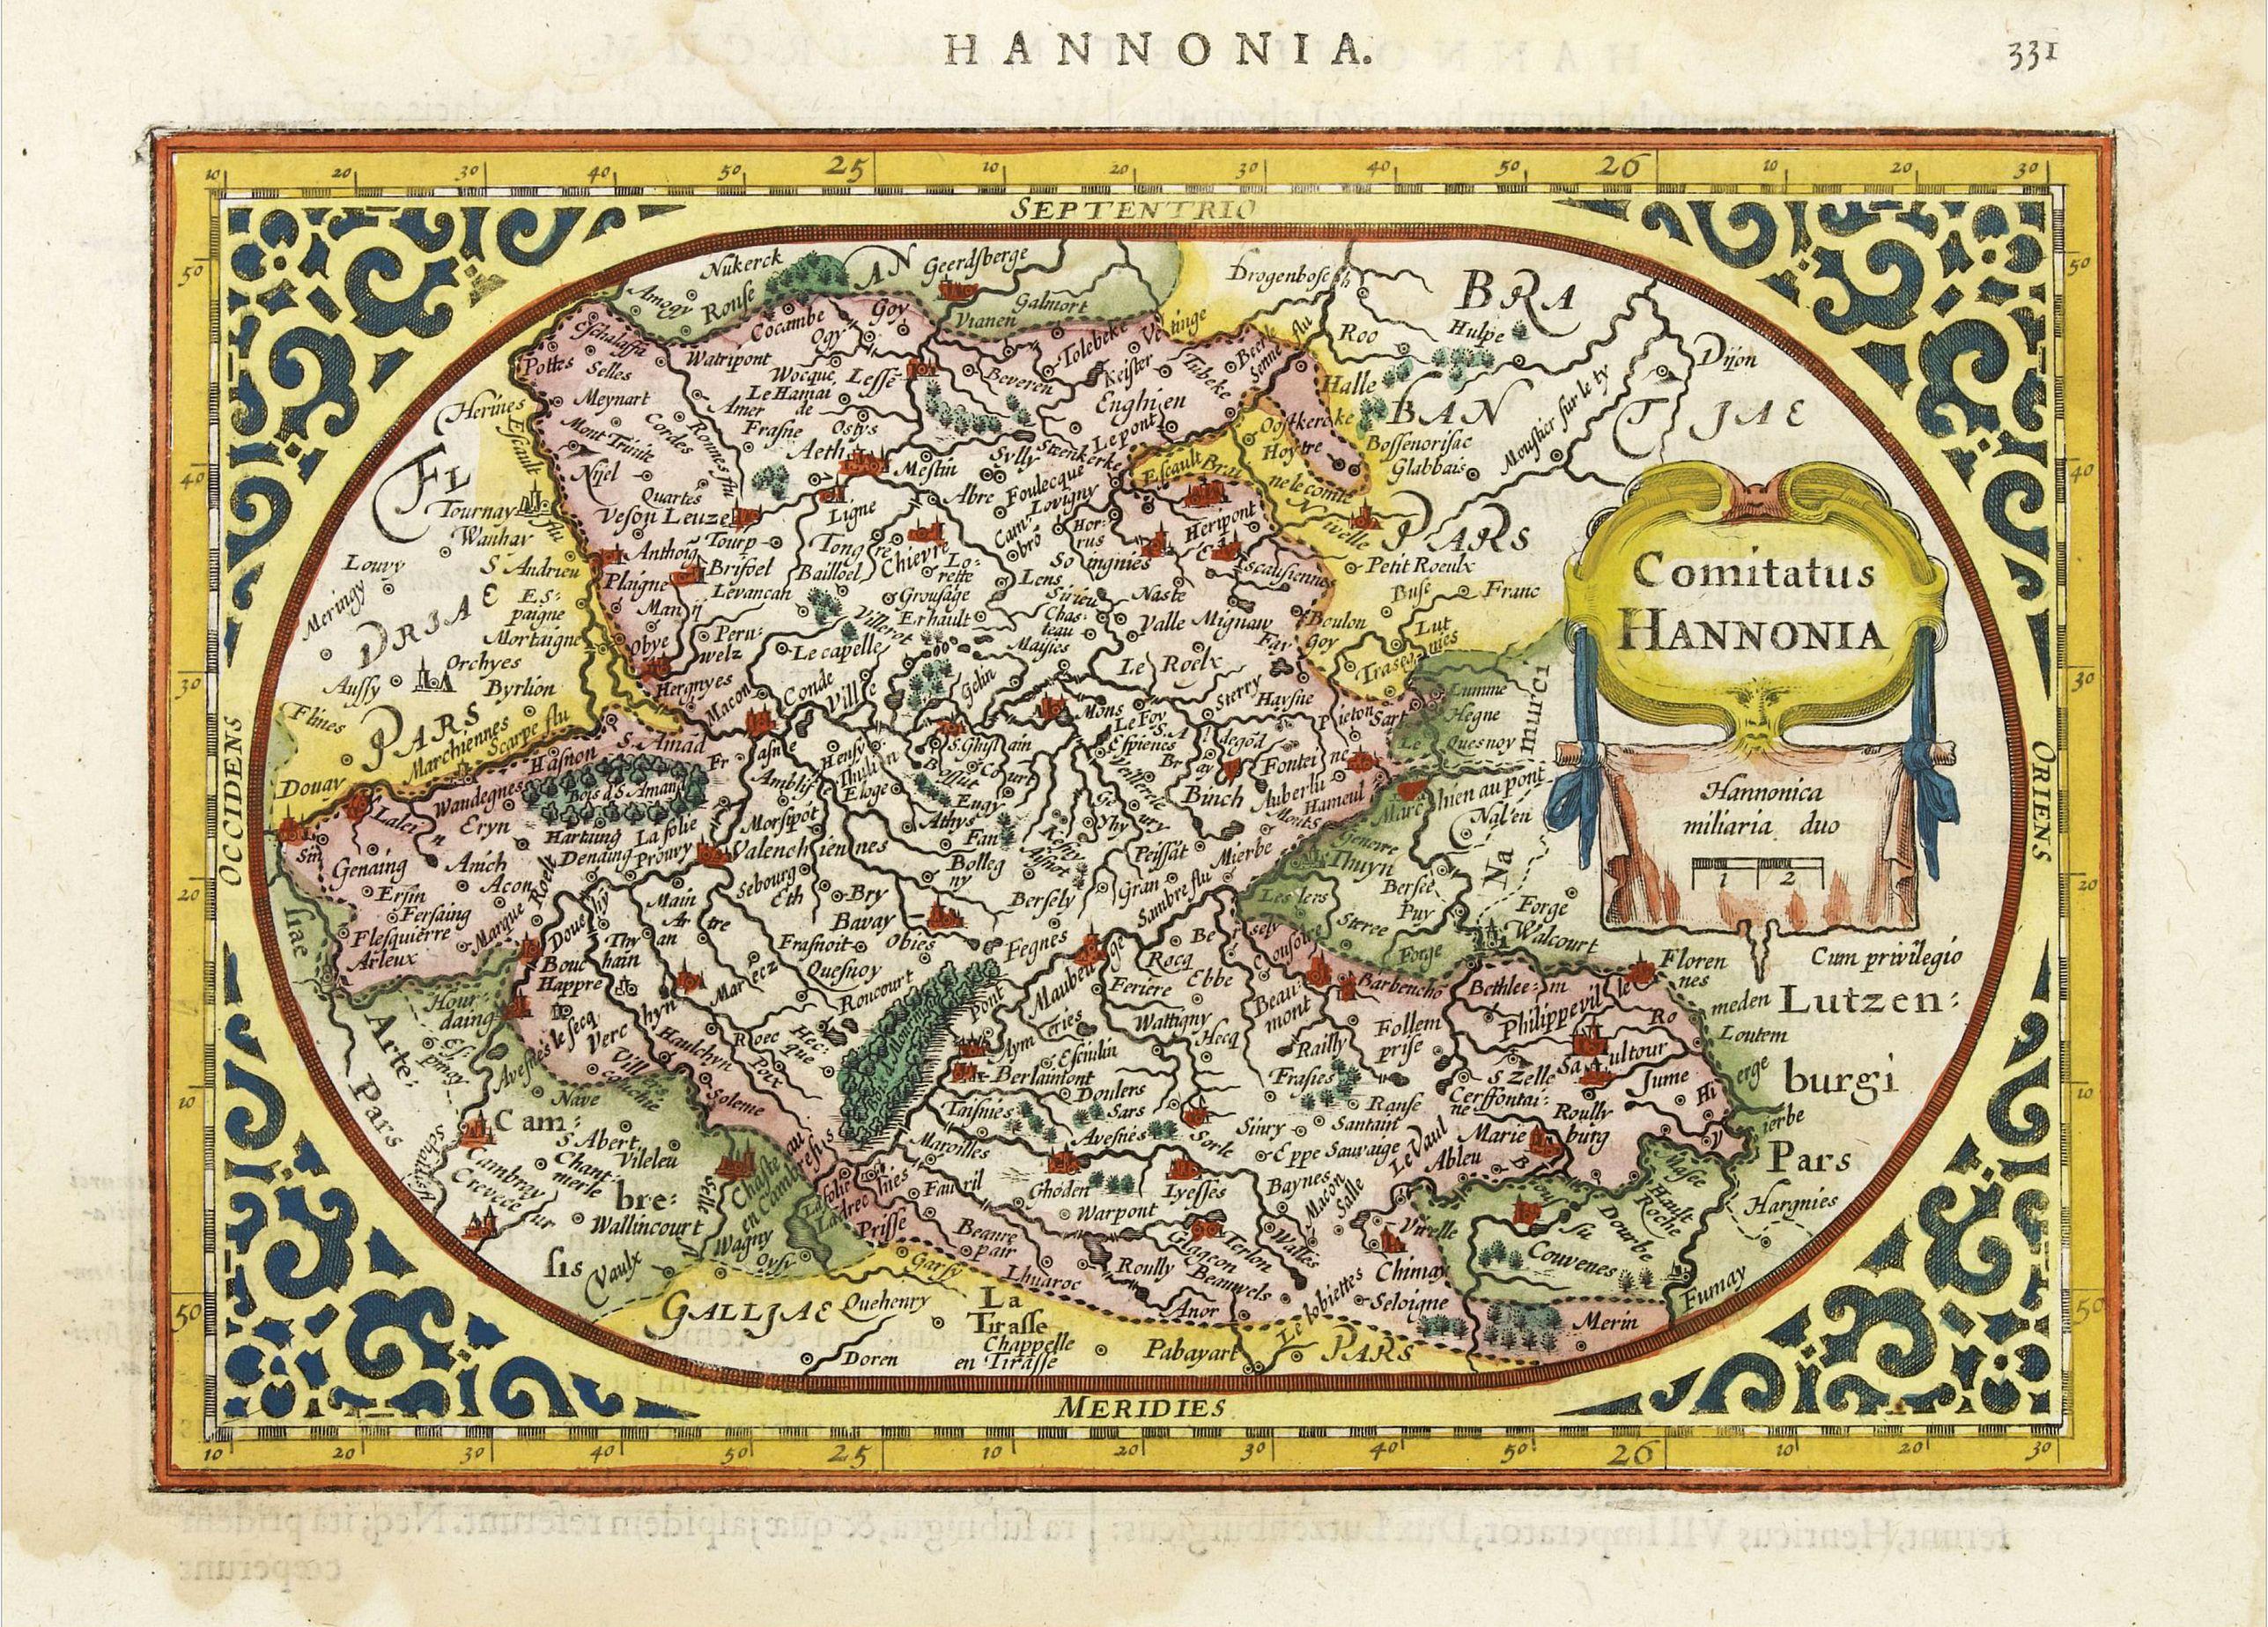 GOOS, A. -  Comitatus Hannonia.